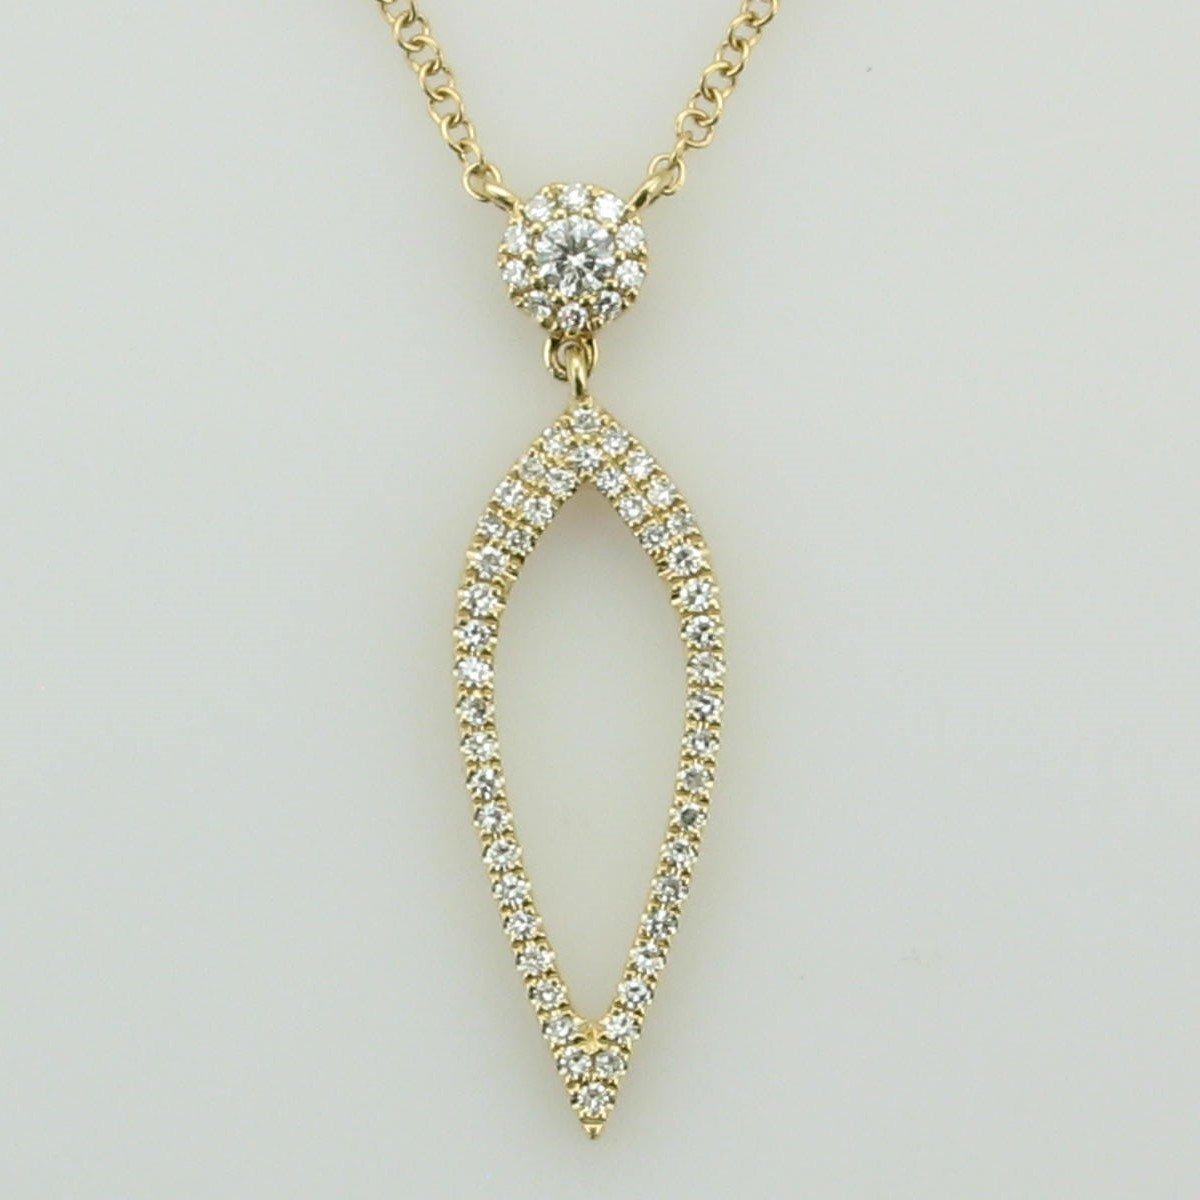 14K Yellow Open Upside Down Teardrop Diamond Necklace